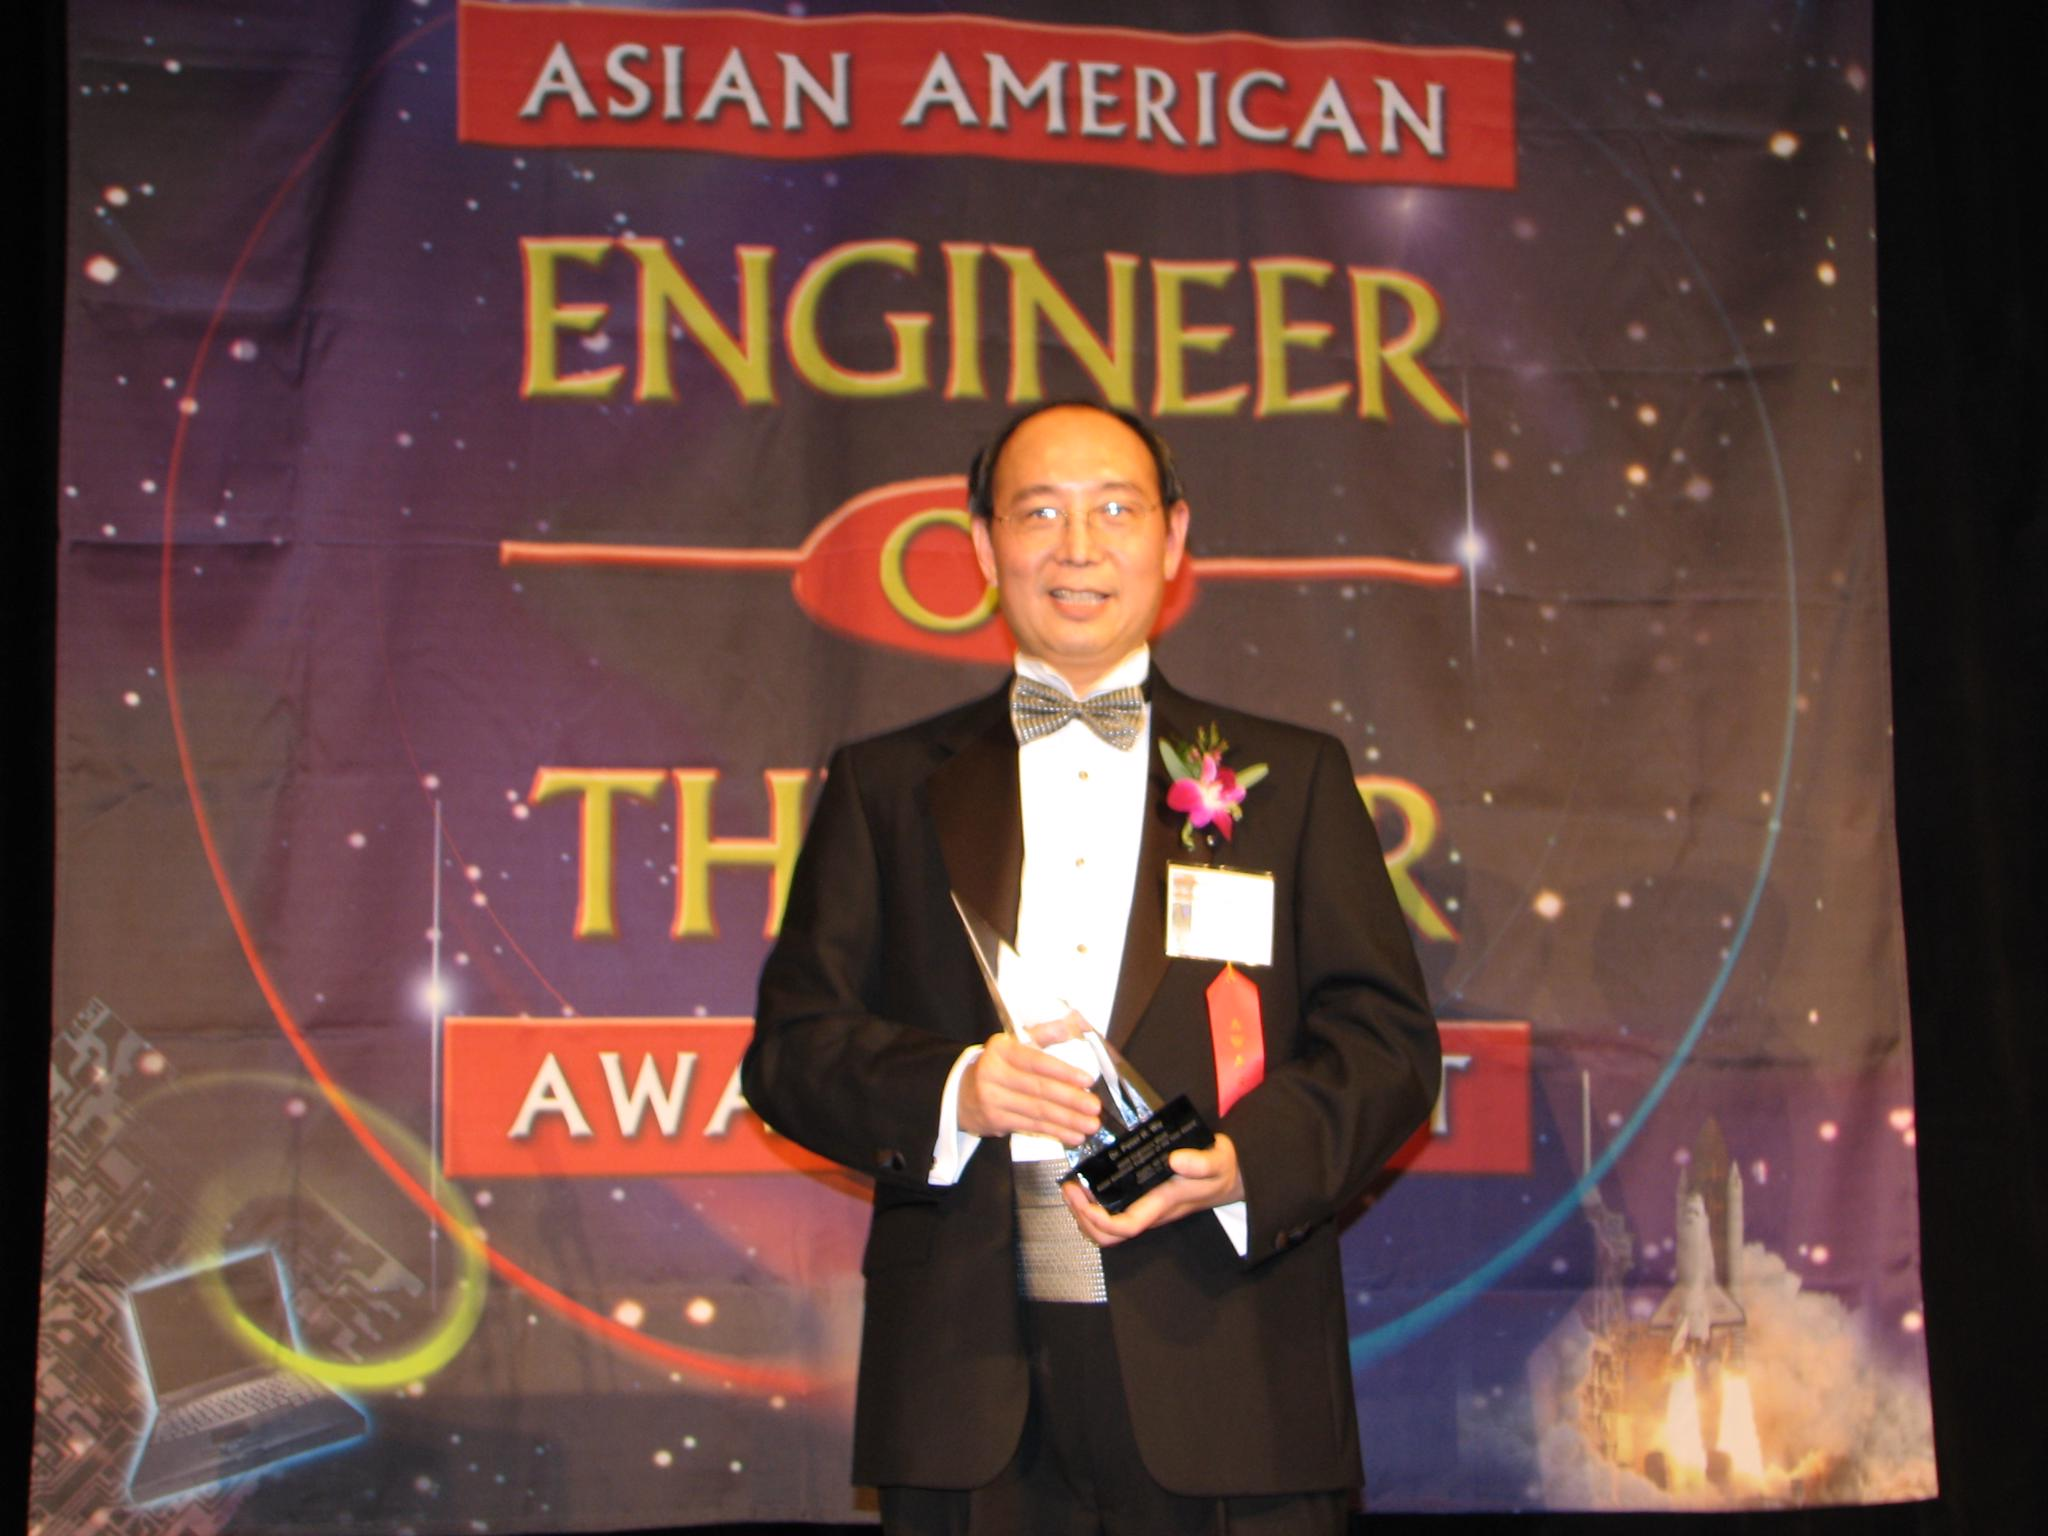 化學系吳洵校友 榮獲美國「亞裔年度工程師獎」 科技先鋒 華人之光